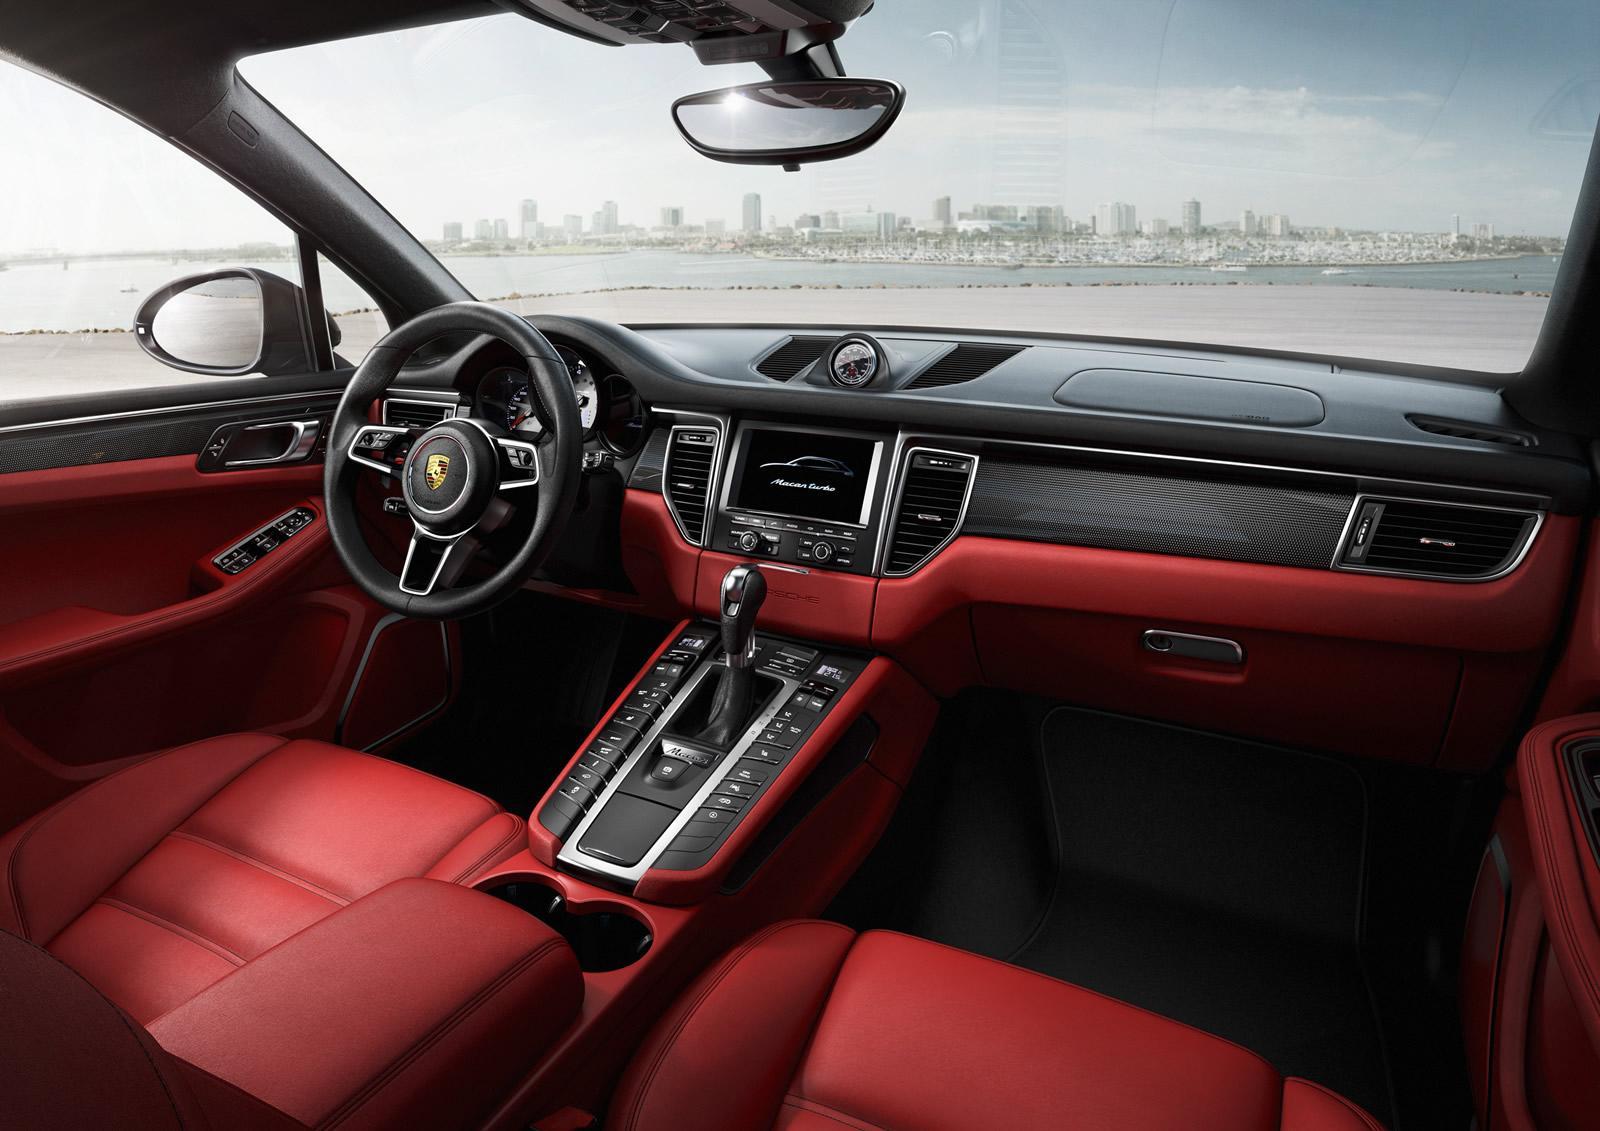 http://images.caradisiac.com/images/0/5/6/8/90568/S0-Tokyo-Los-Angeles-2013-le-Porsche-Macan-est-officiel-307678.jpg